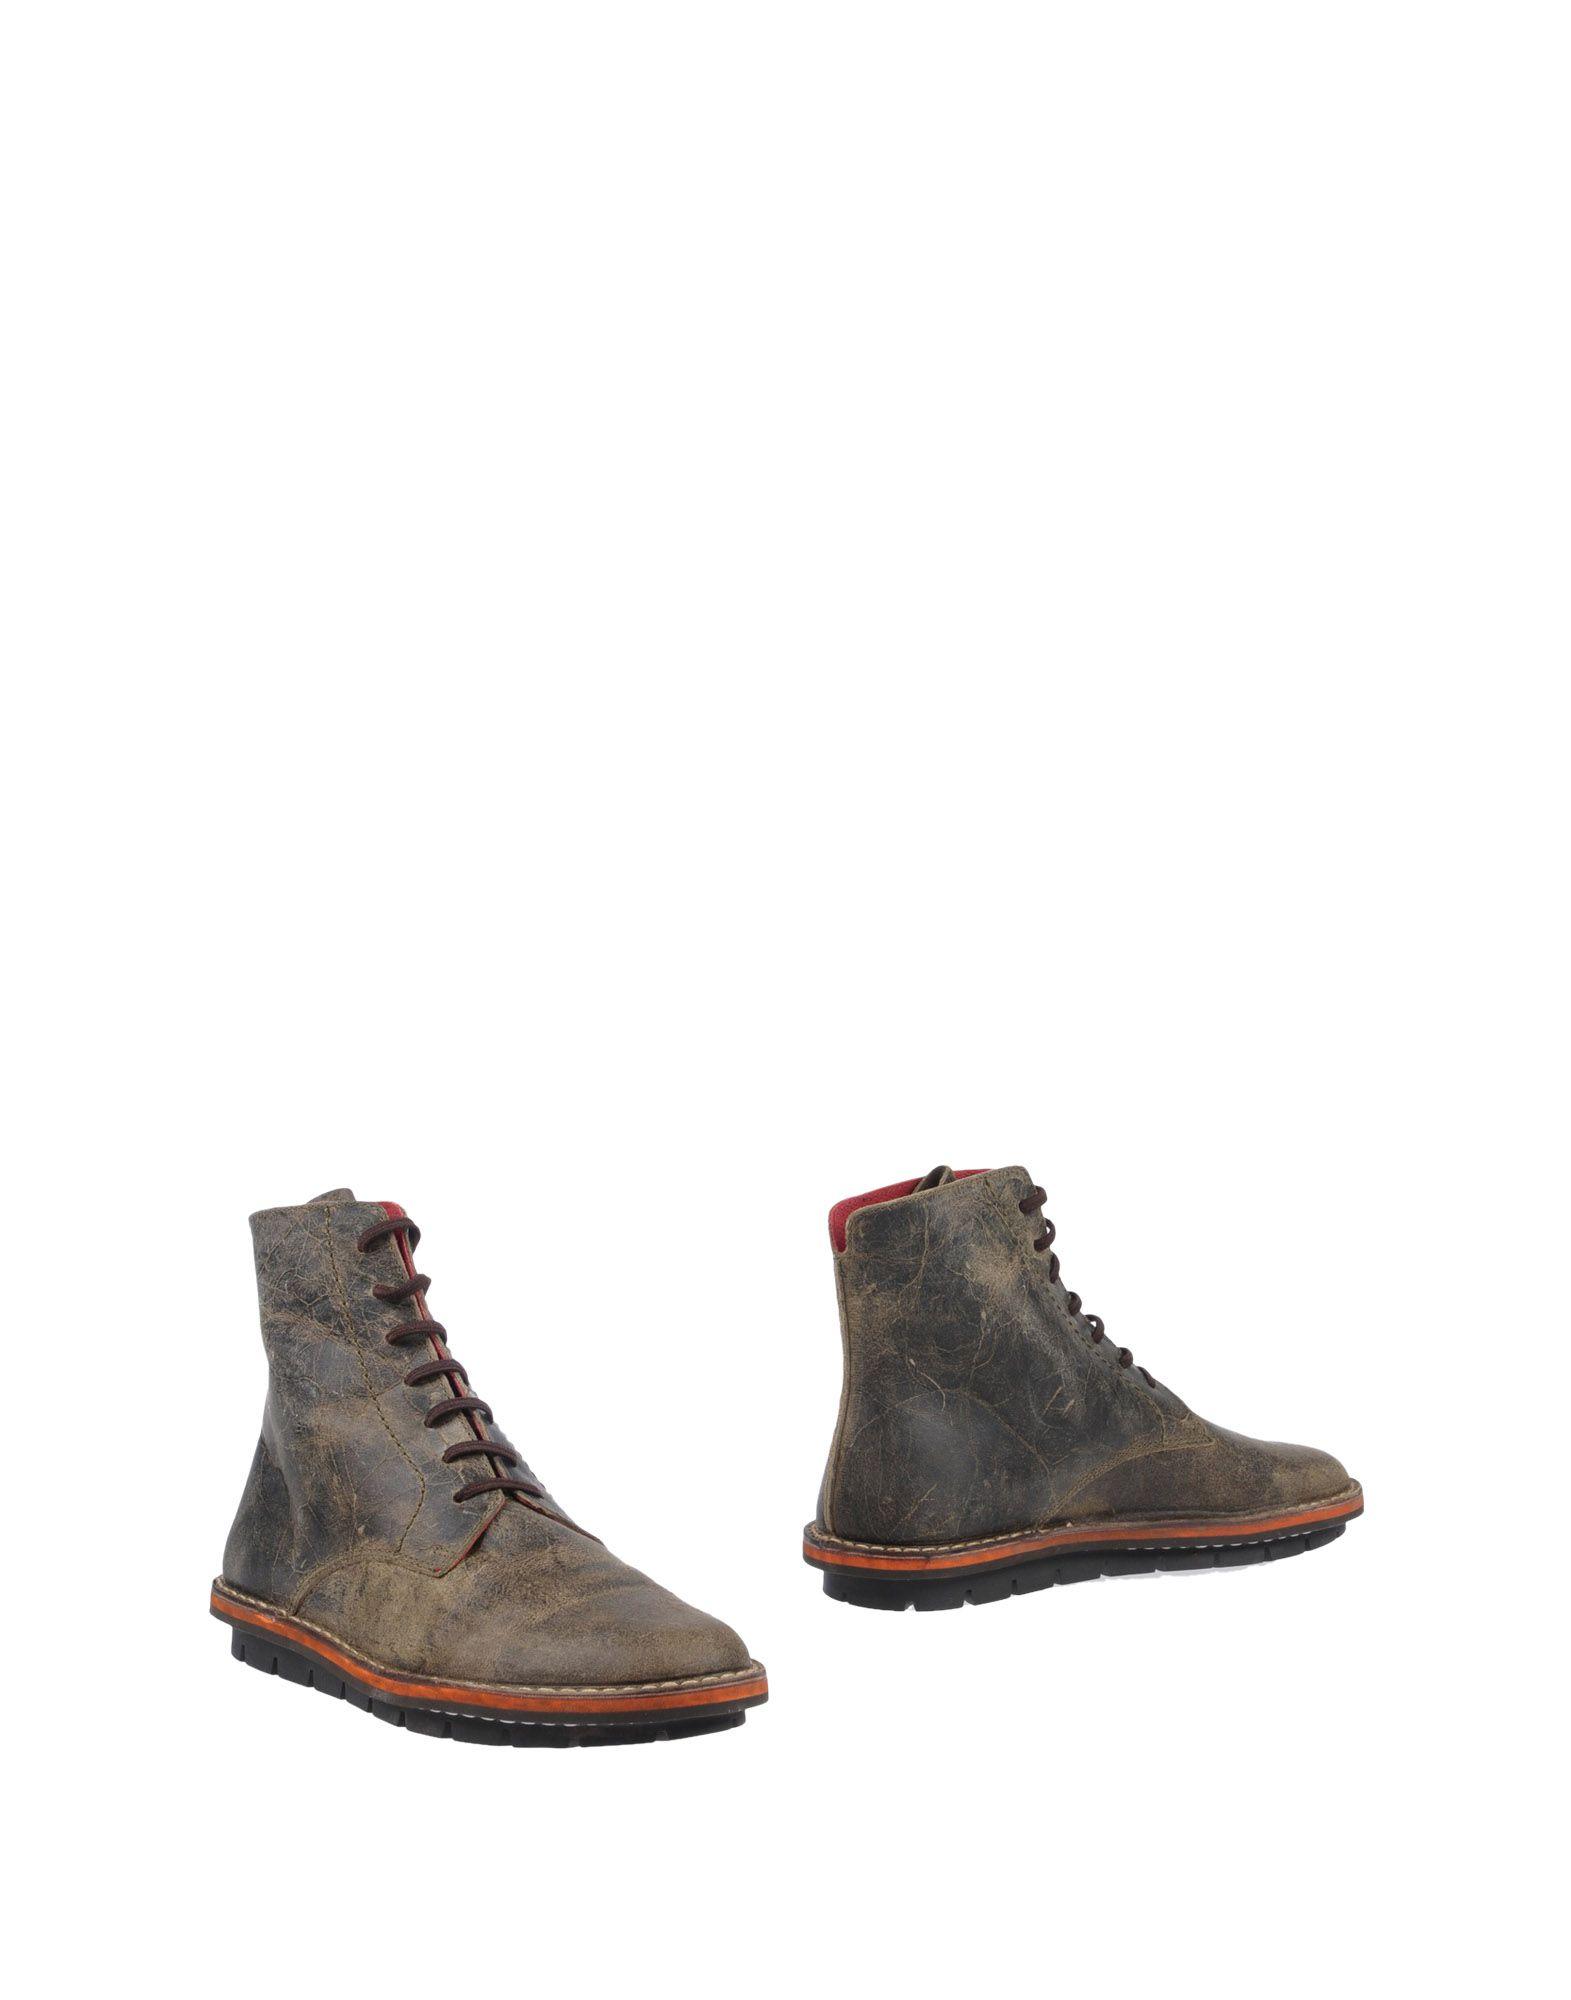 Herren Lerews Stiefelette Herren   11420025VR Heiße Schuhe 7c3860